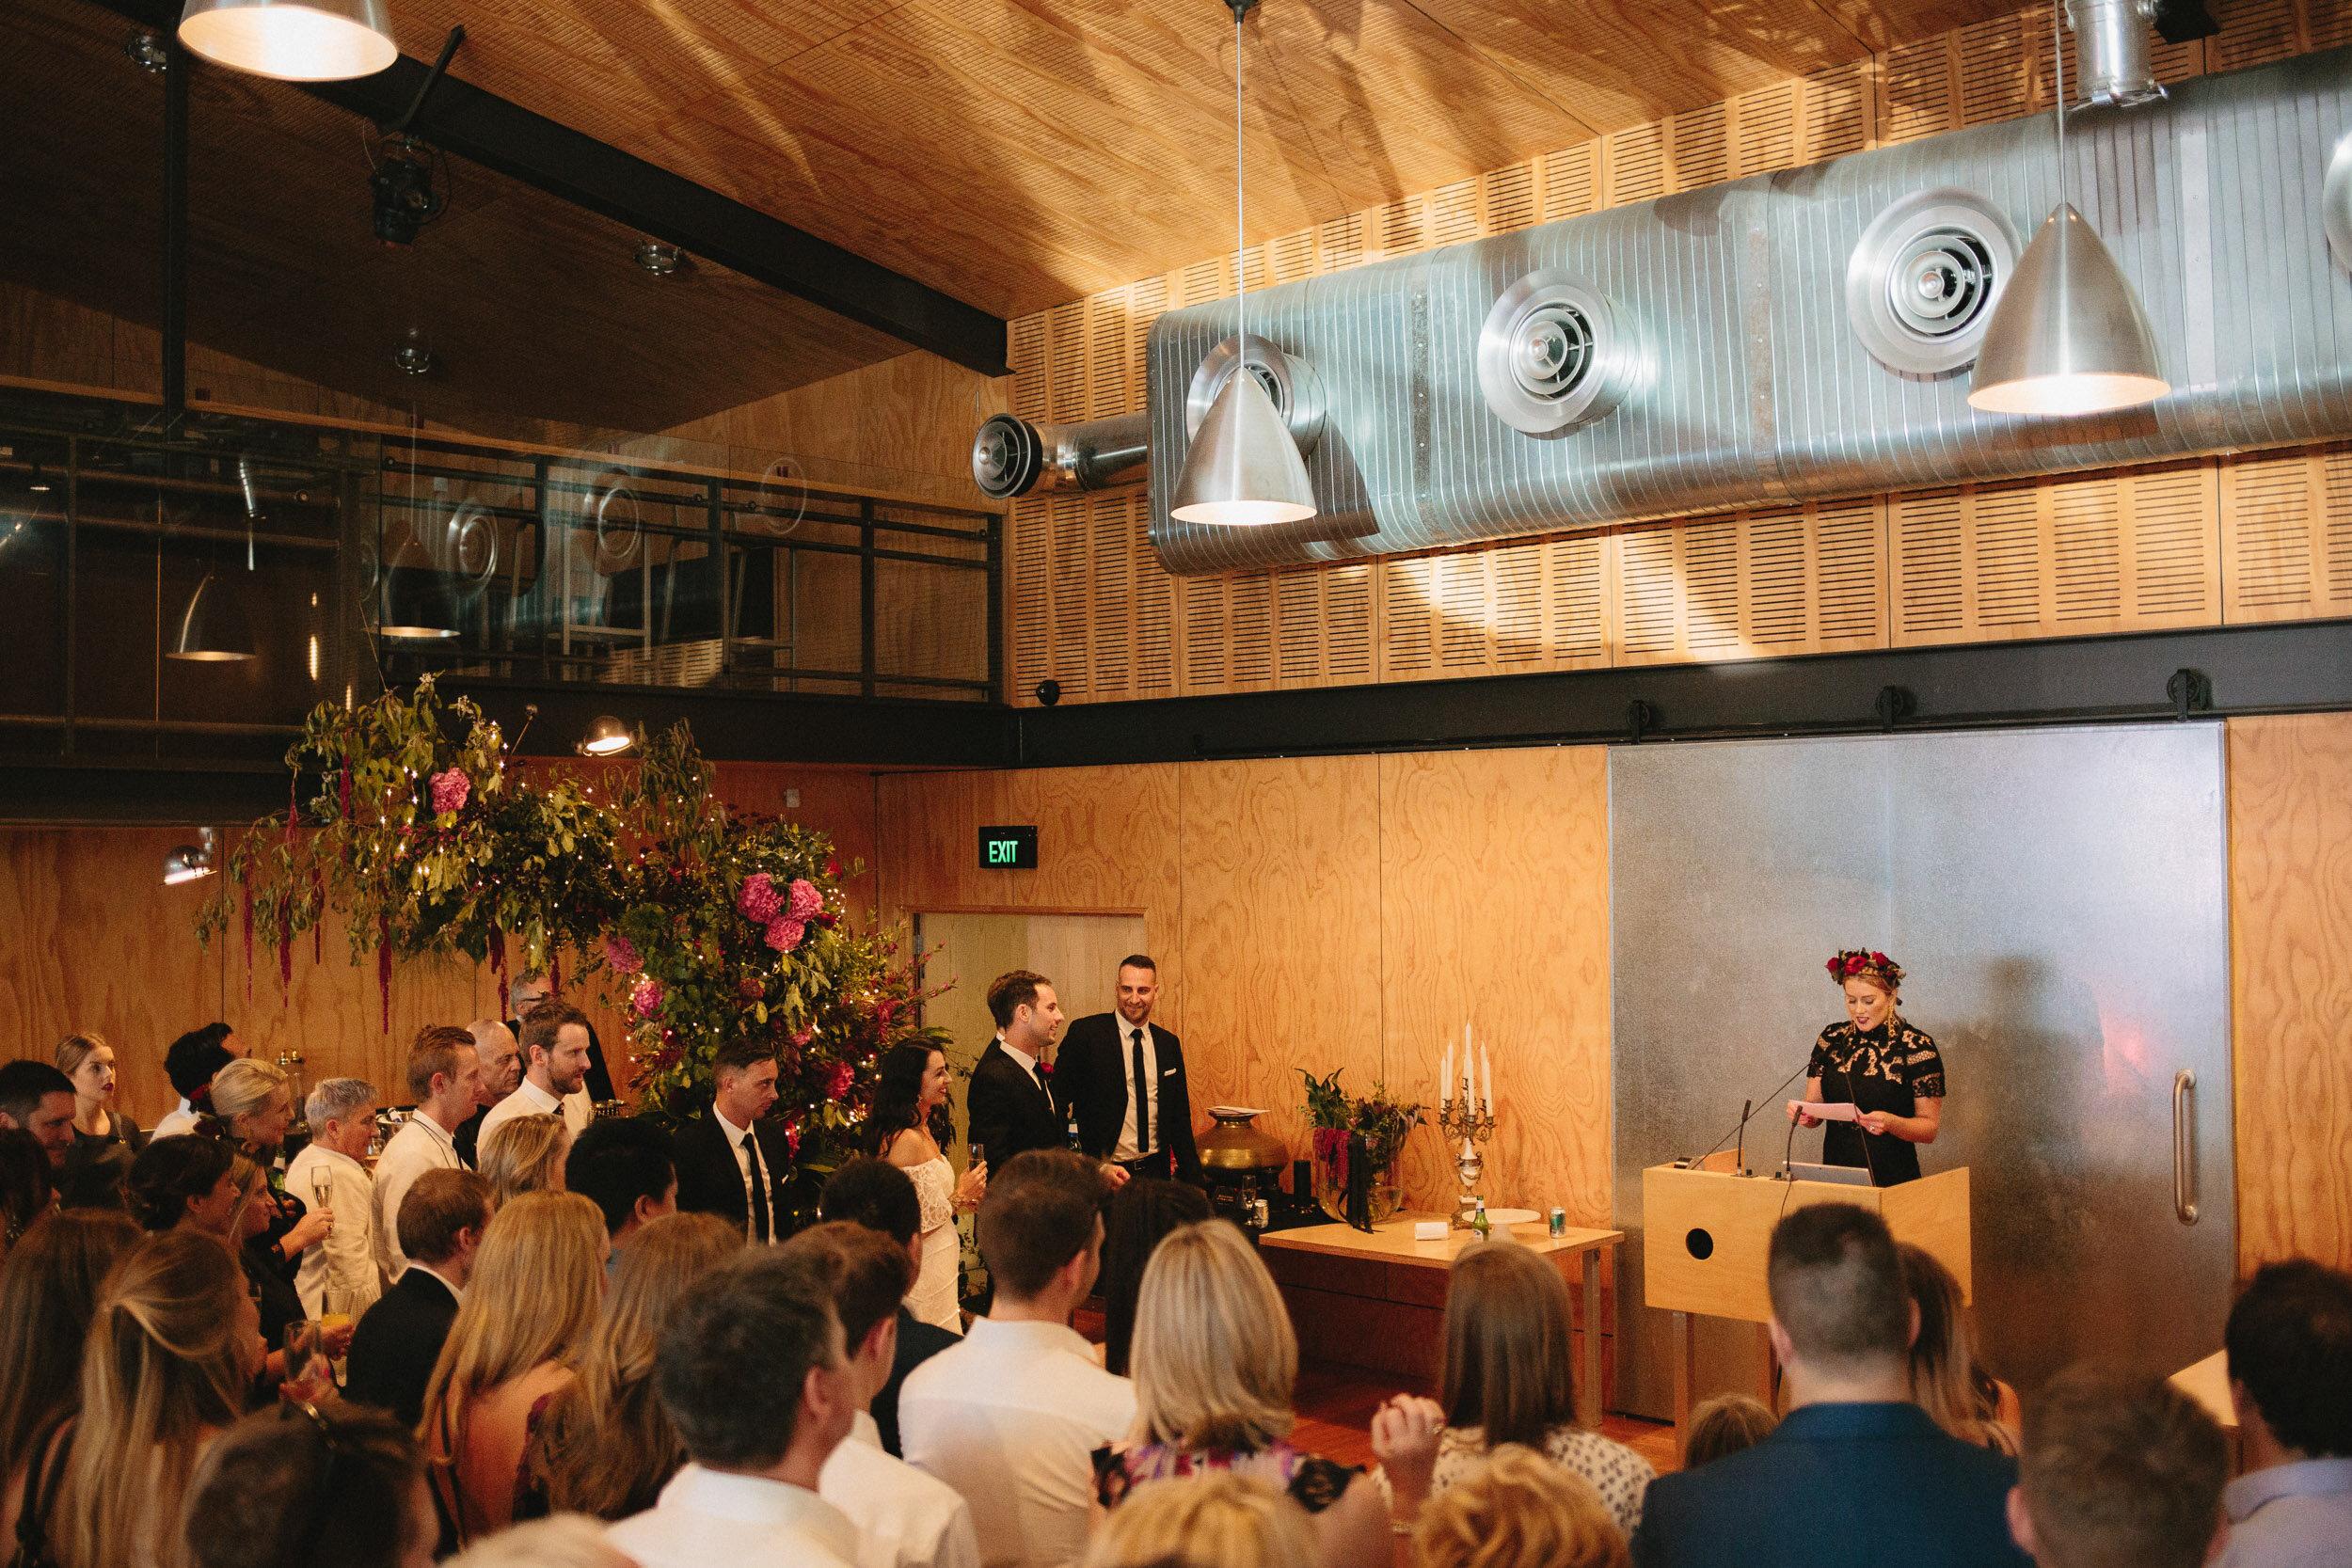 Prefab Industrial urban wellington city wedding venue.jpg